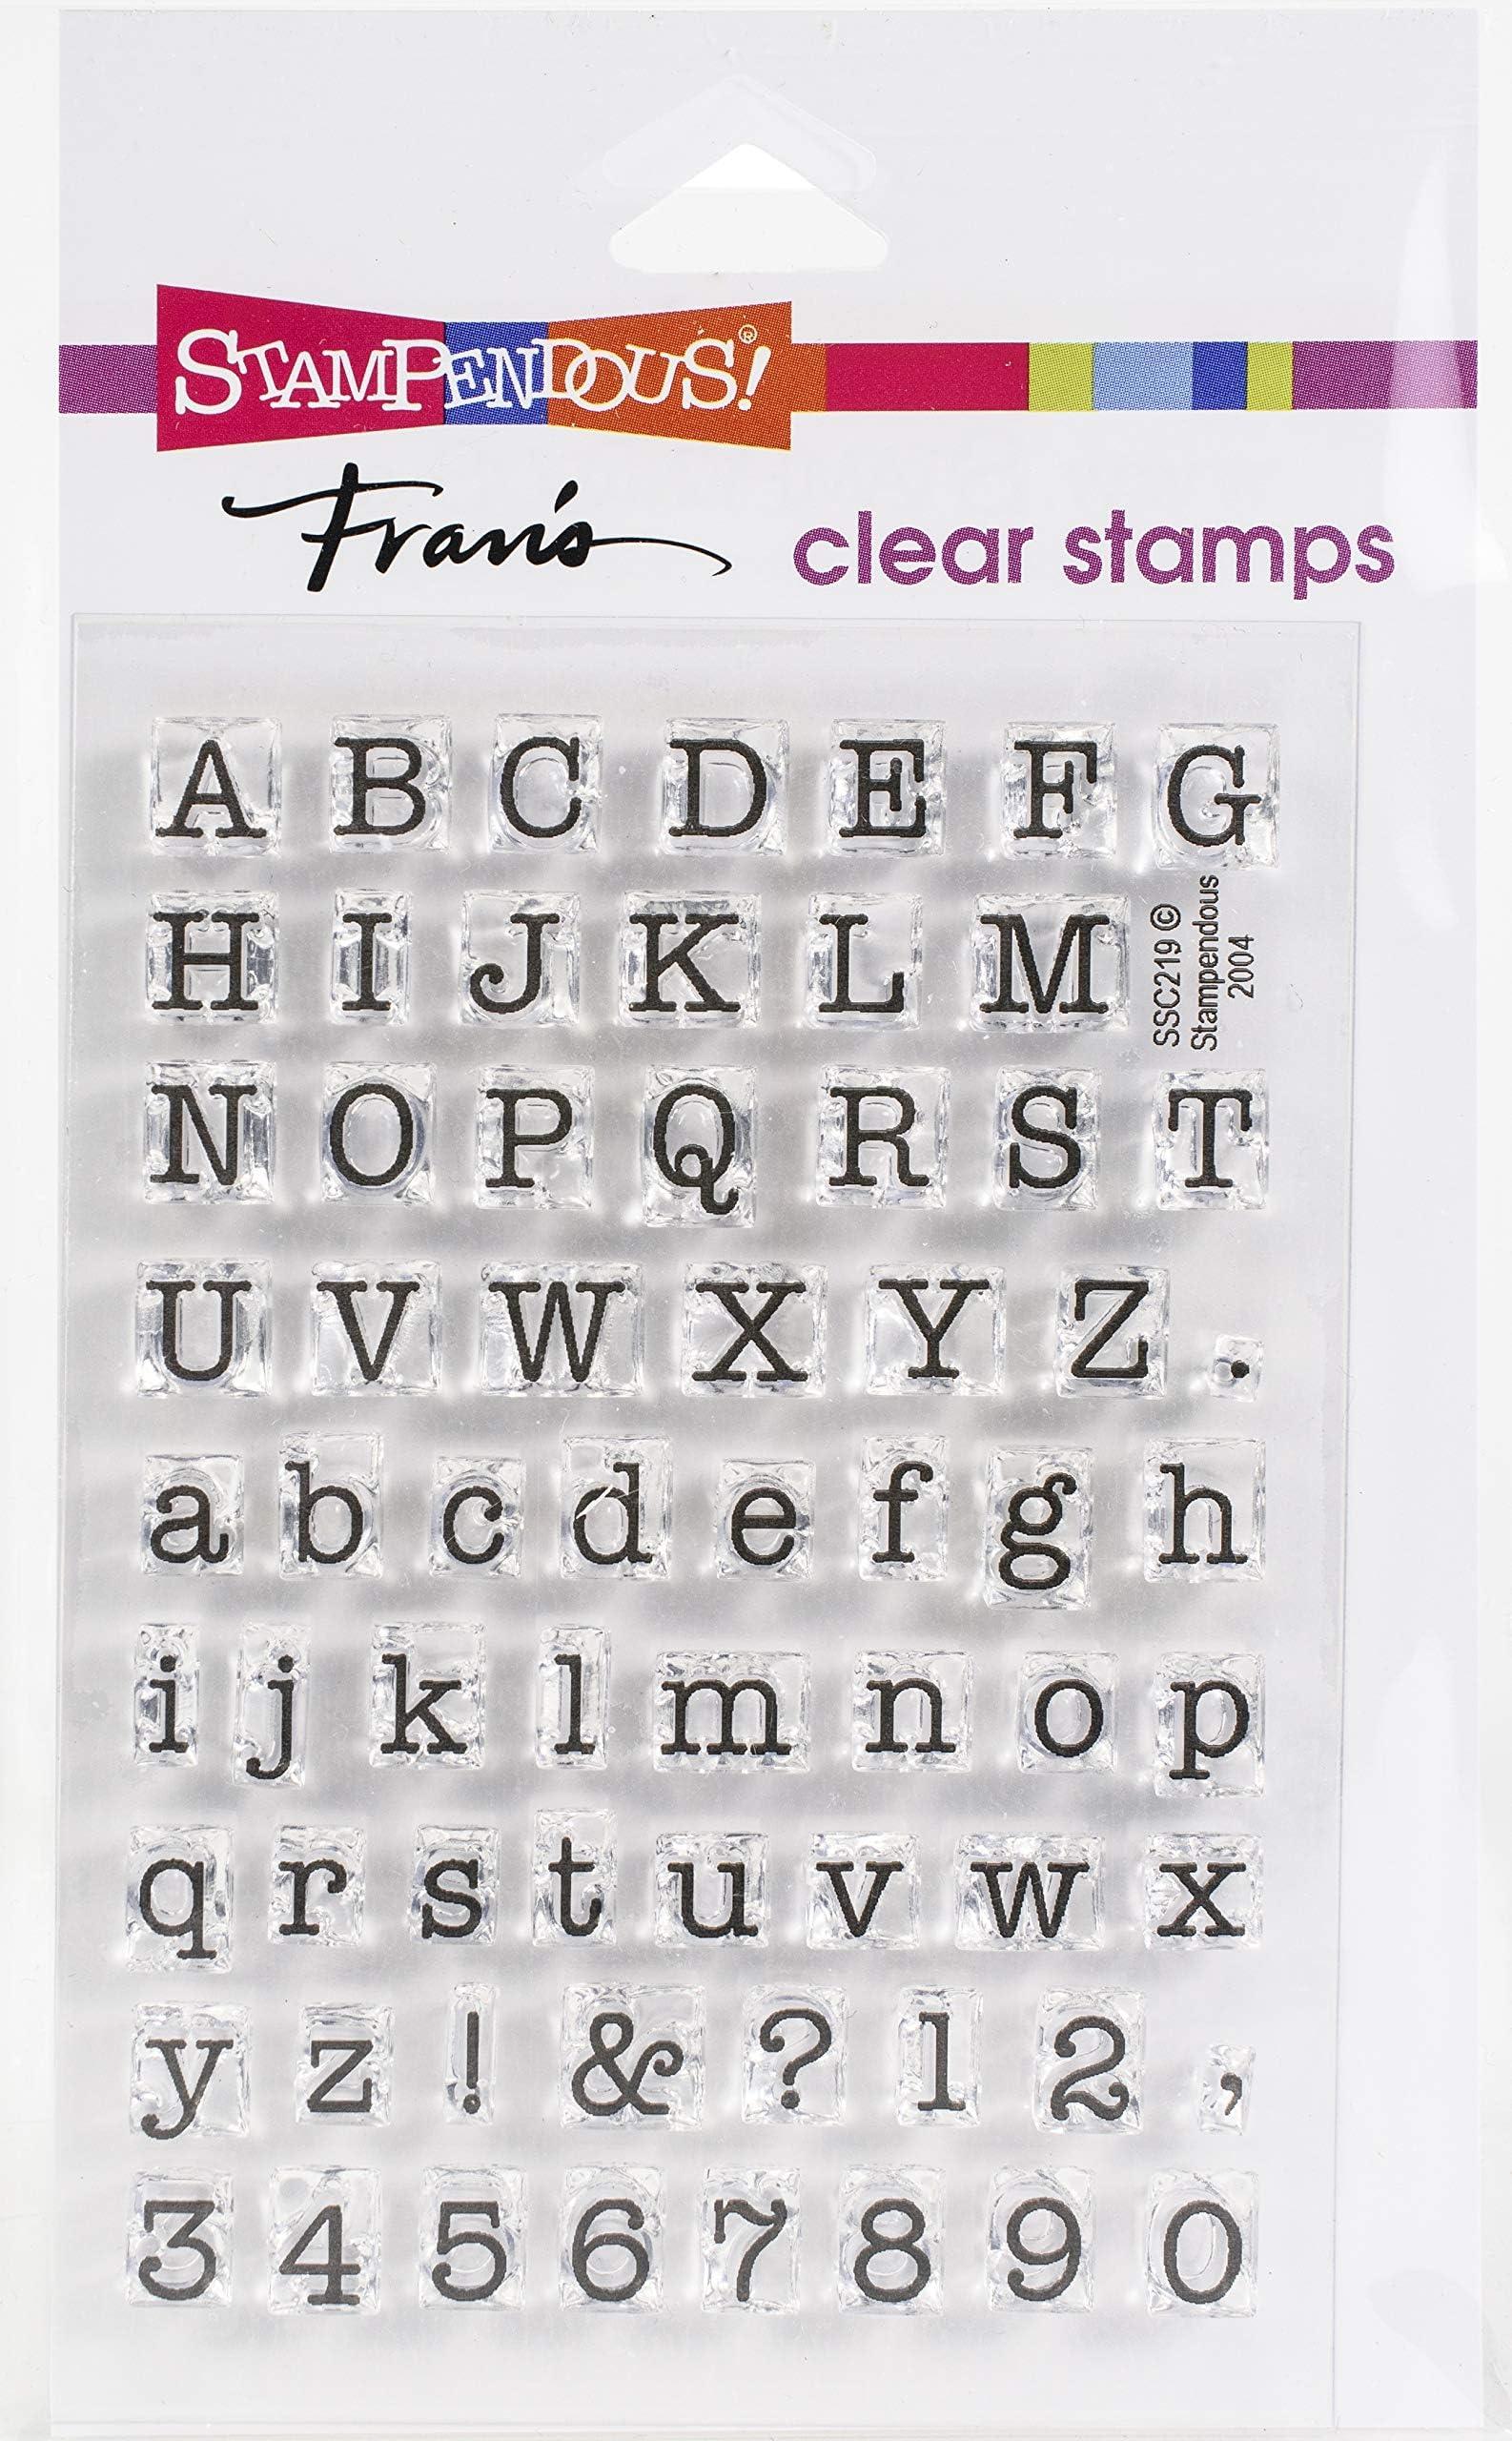 Buy 2 get 1 free-88pcs alphabet letter stamp number letter stamp journal stam silicone stamp DIY crafts clear transperent letter stamp